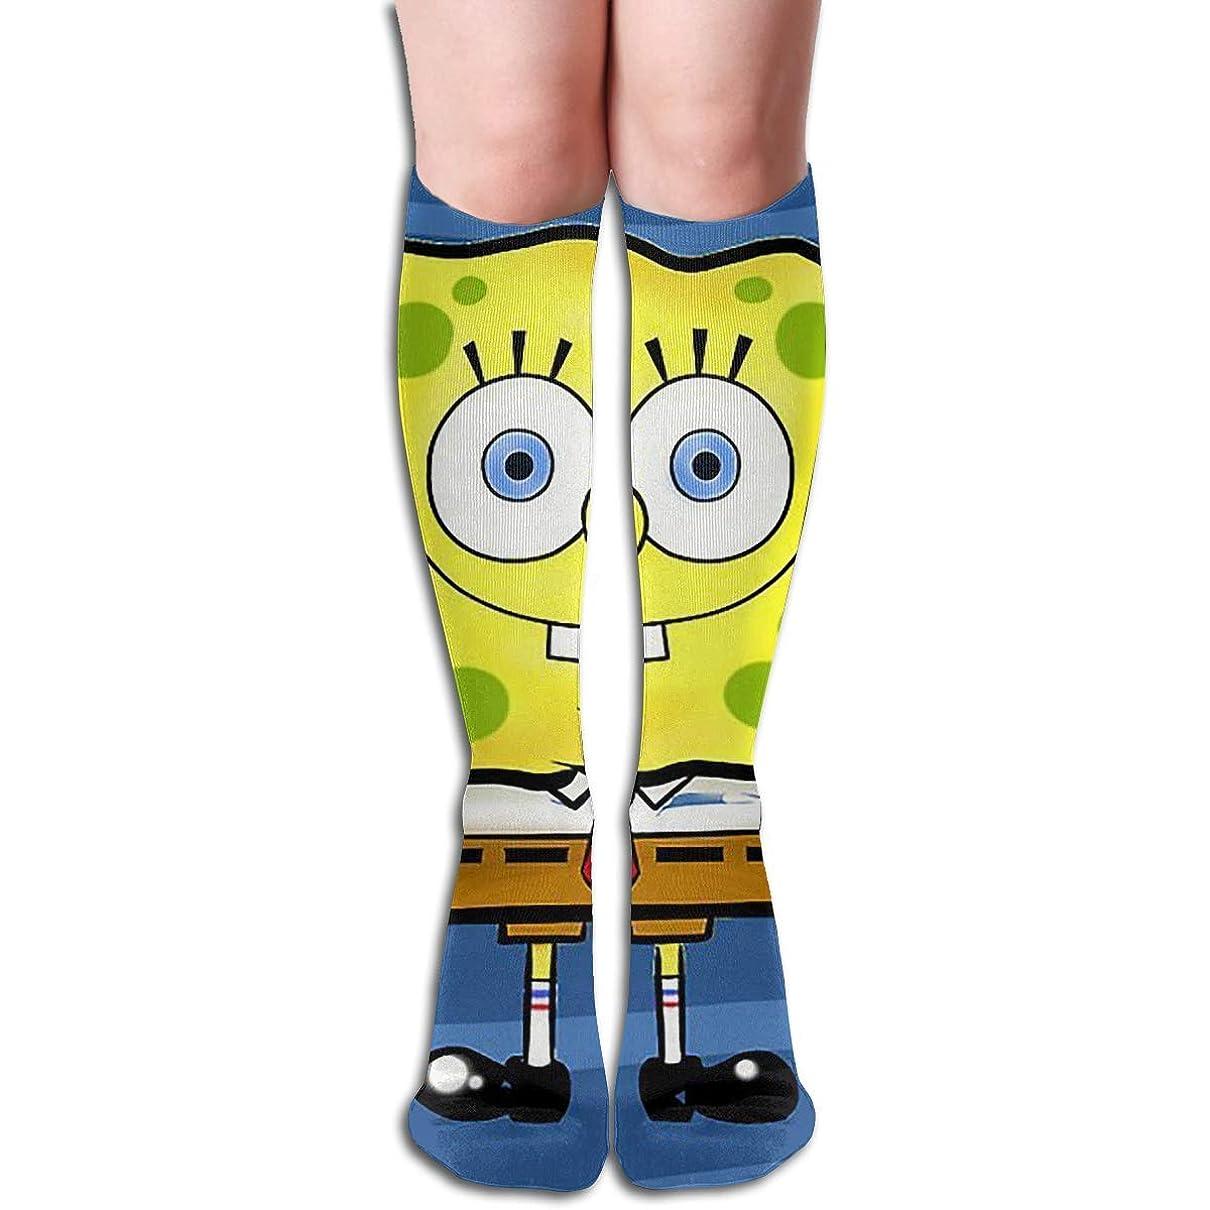 避けられない不倫一部qrriyはスポンジのチューブストッキングチューブストッキングレディース冬暖かい膝ハイソックスブーツ靴下